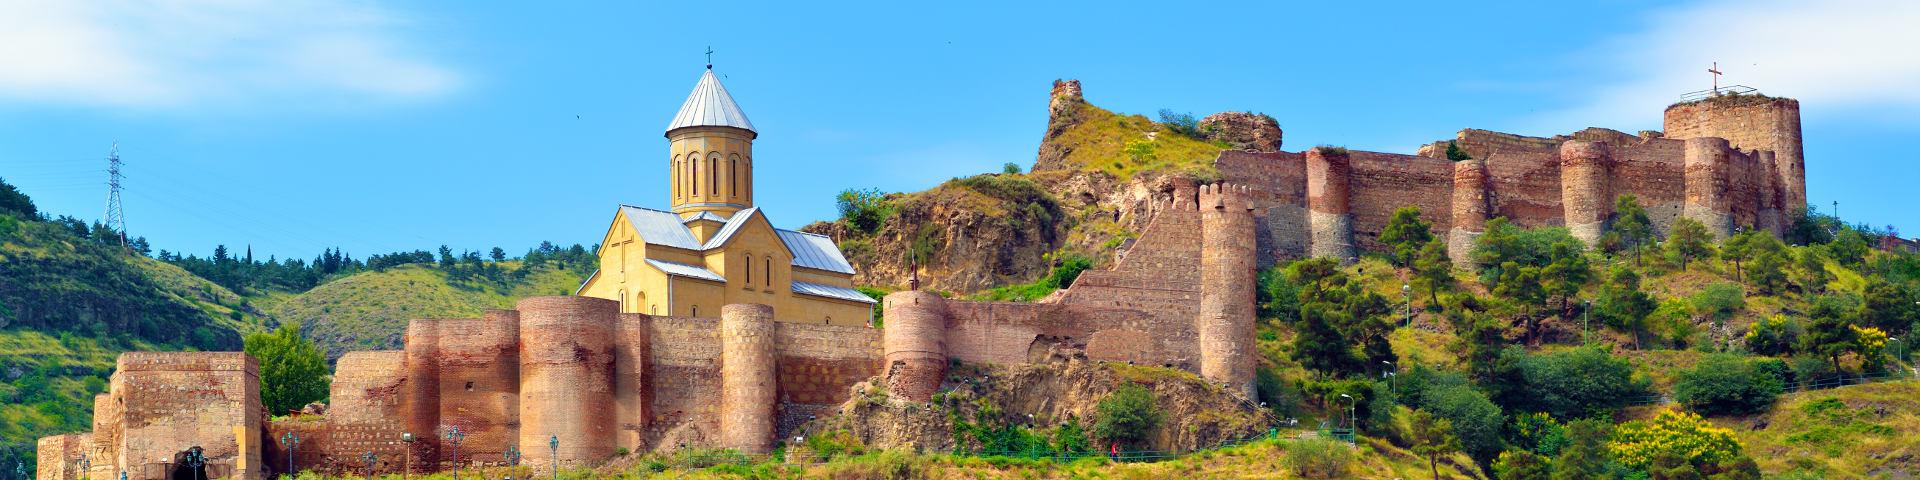 Tbilisi hero